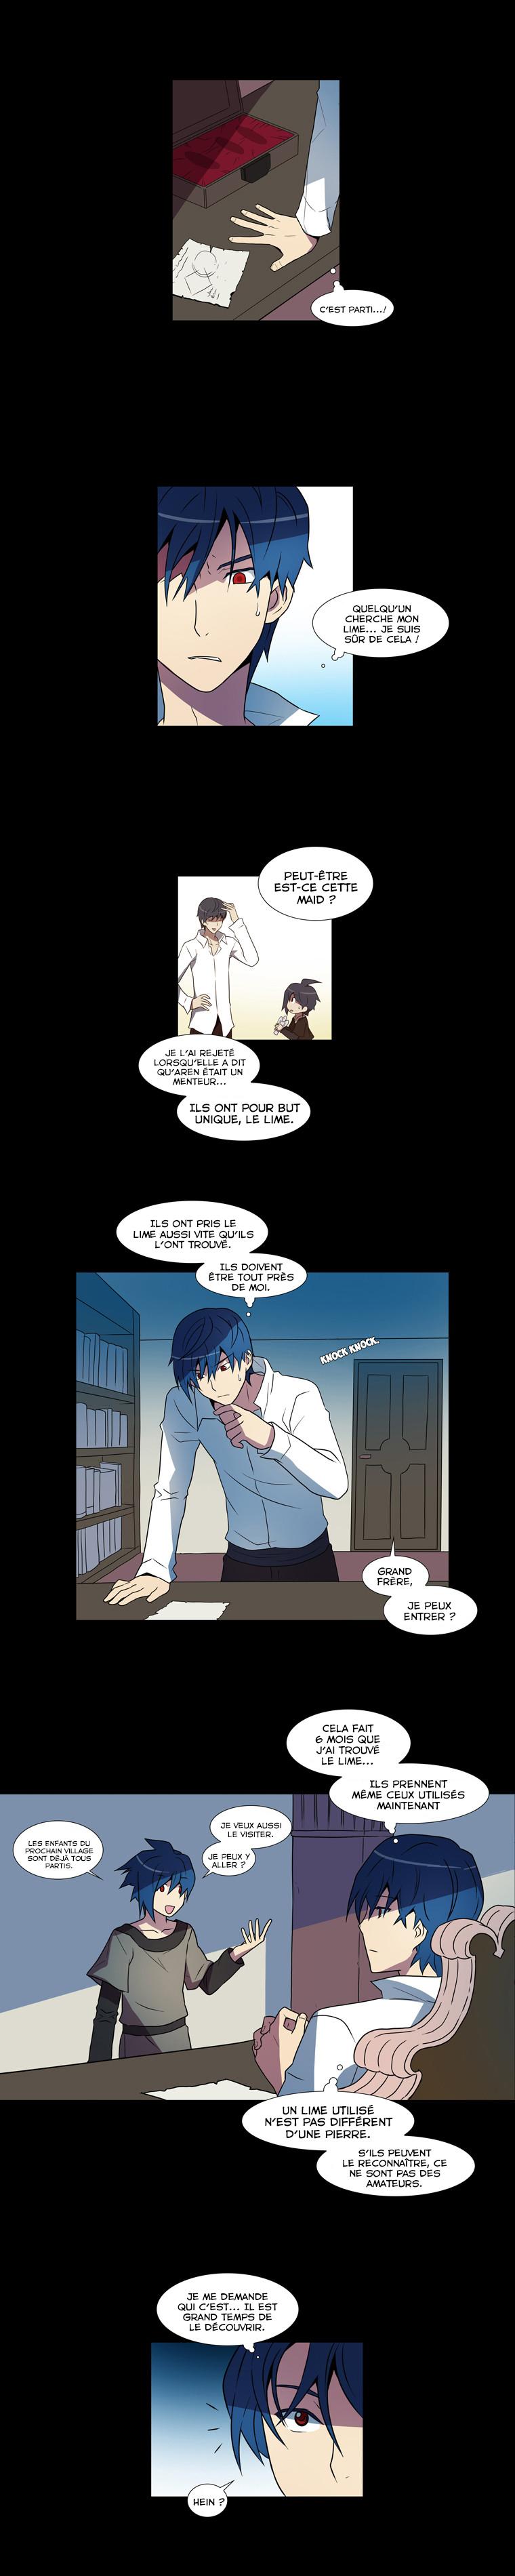 https://nine.mangadogs.com/fr_manga/pic1/5/2053/74654/LimeOdyssey20VF_0_41.jpg Page 1